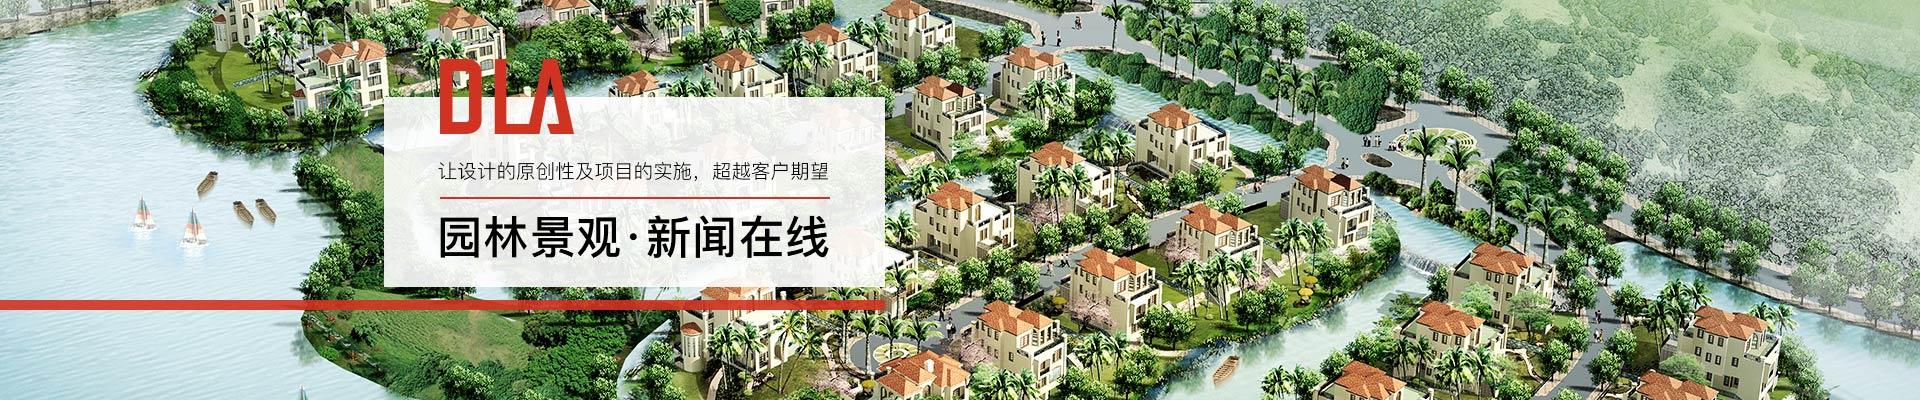 深圳棣志景-园林景观,新闻在线